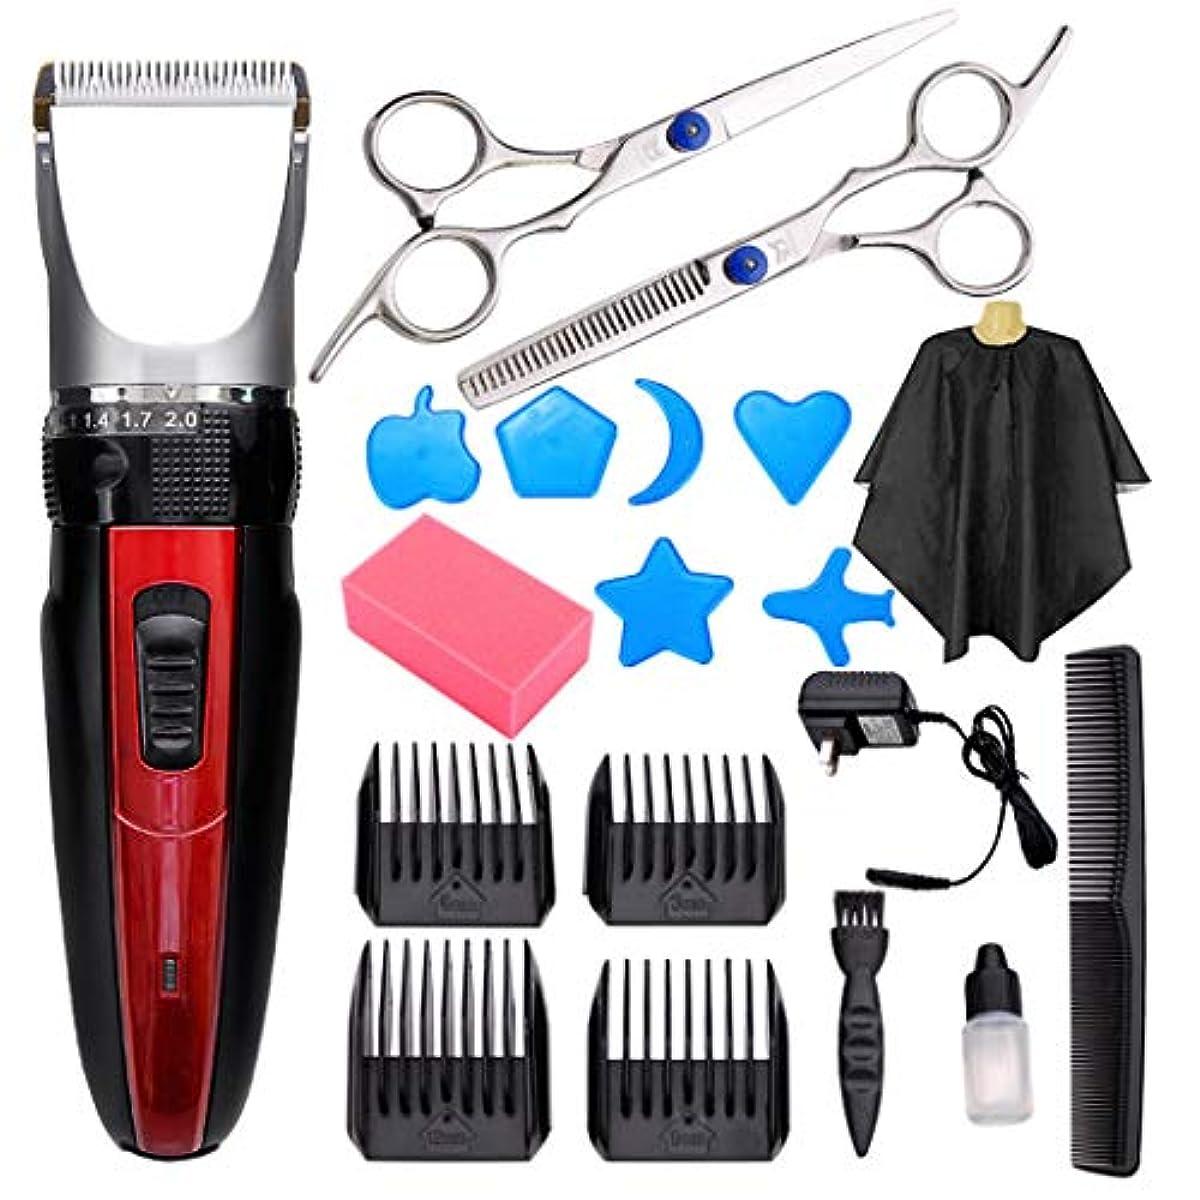 男性のバリカン、毎日の家の毛の切断の使用のためのシェーバーの充電のヘアカットの必要なクリーニング-red